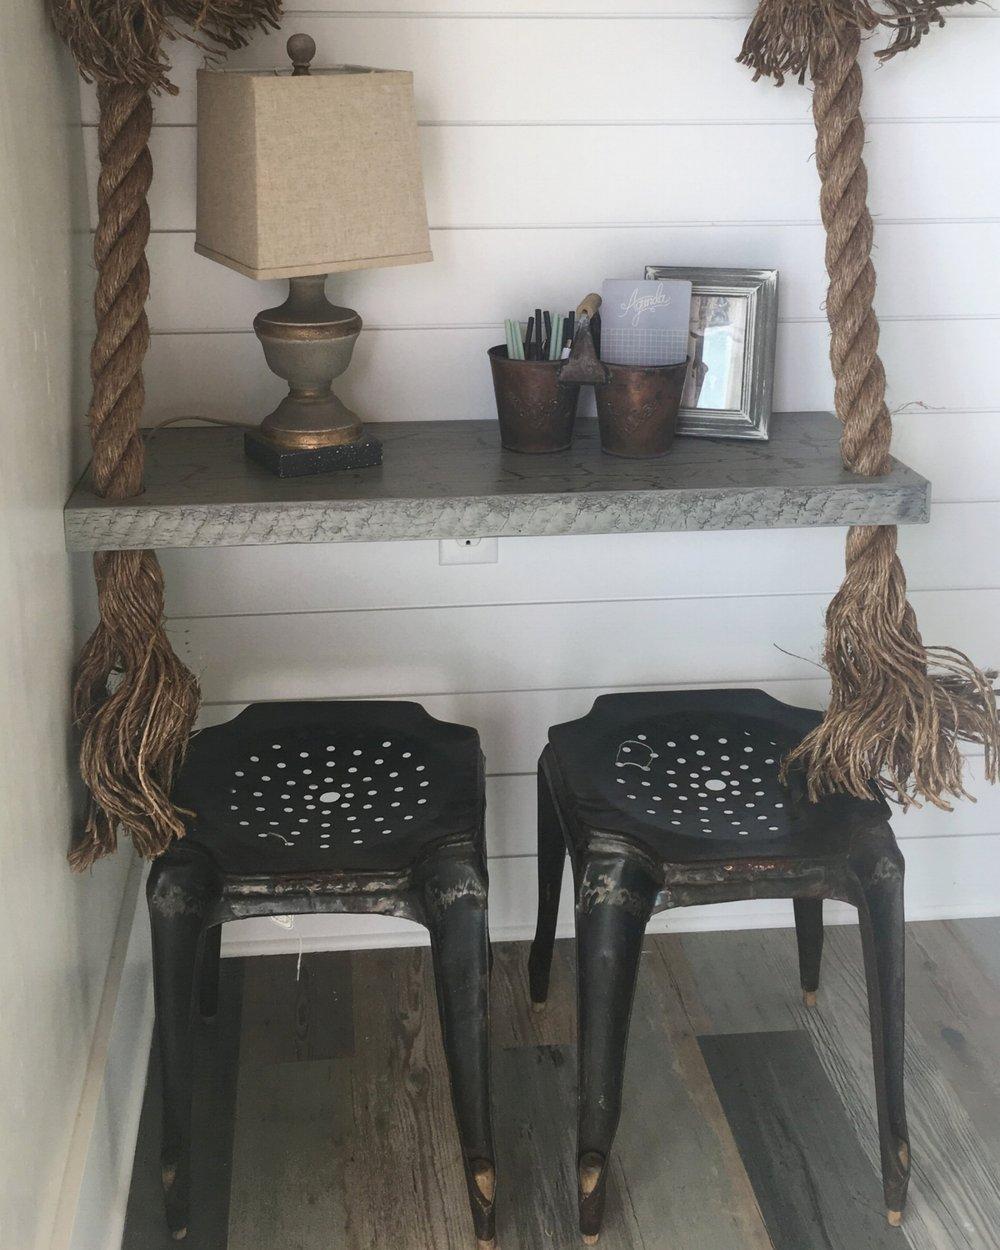 KBM_Farmhouse_Stool shelf.jpg